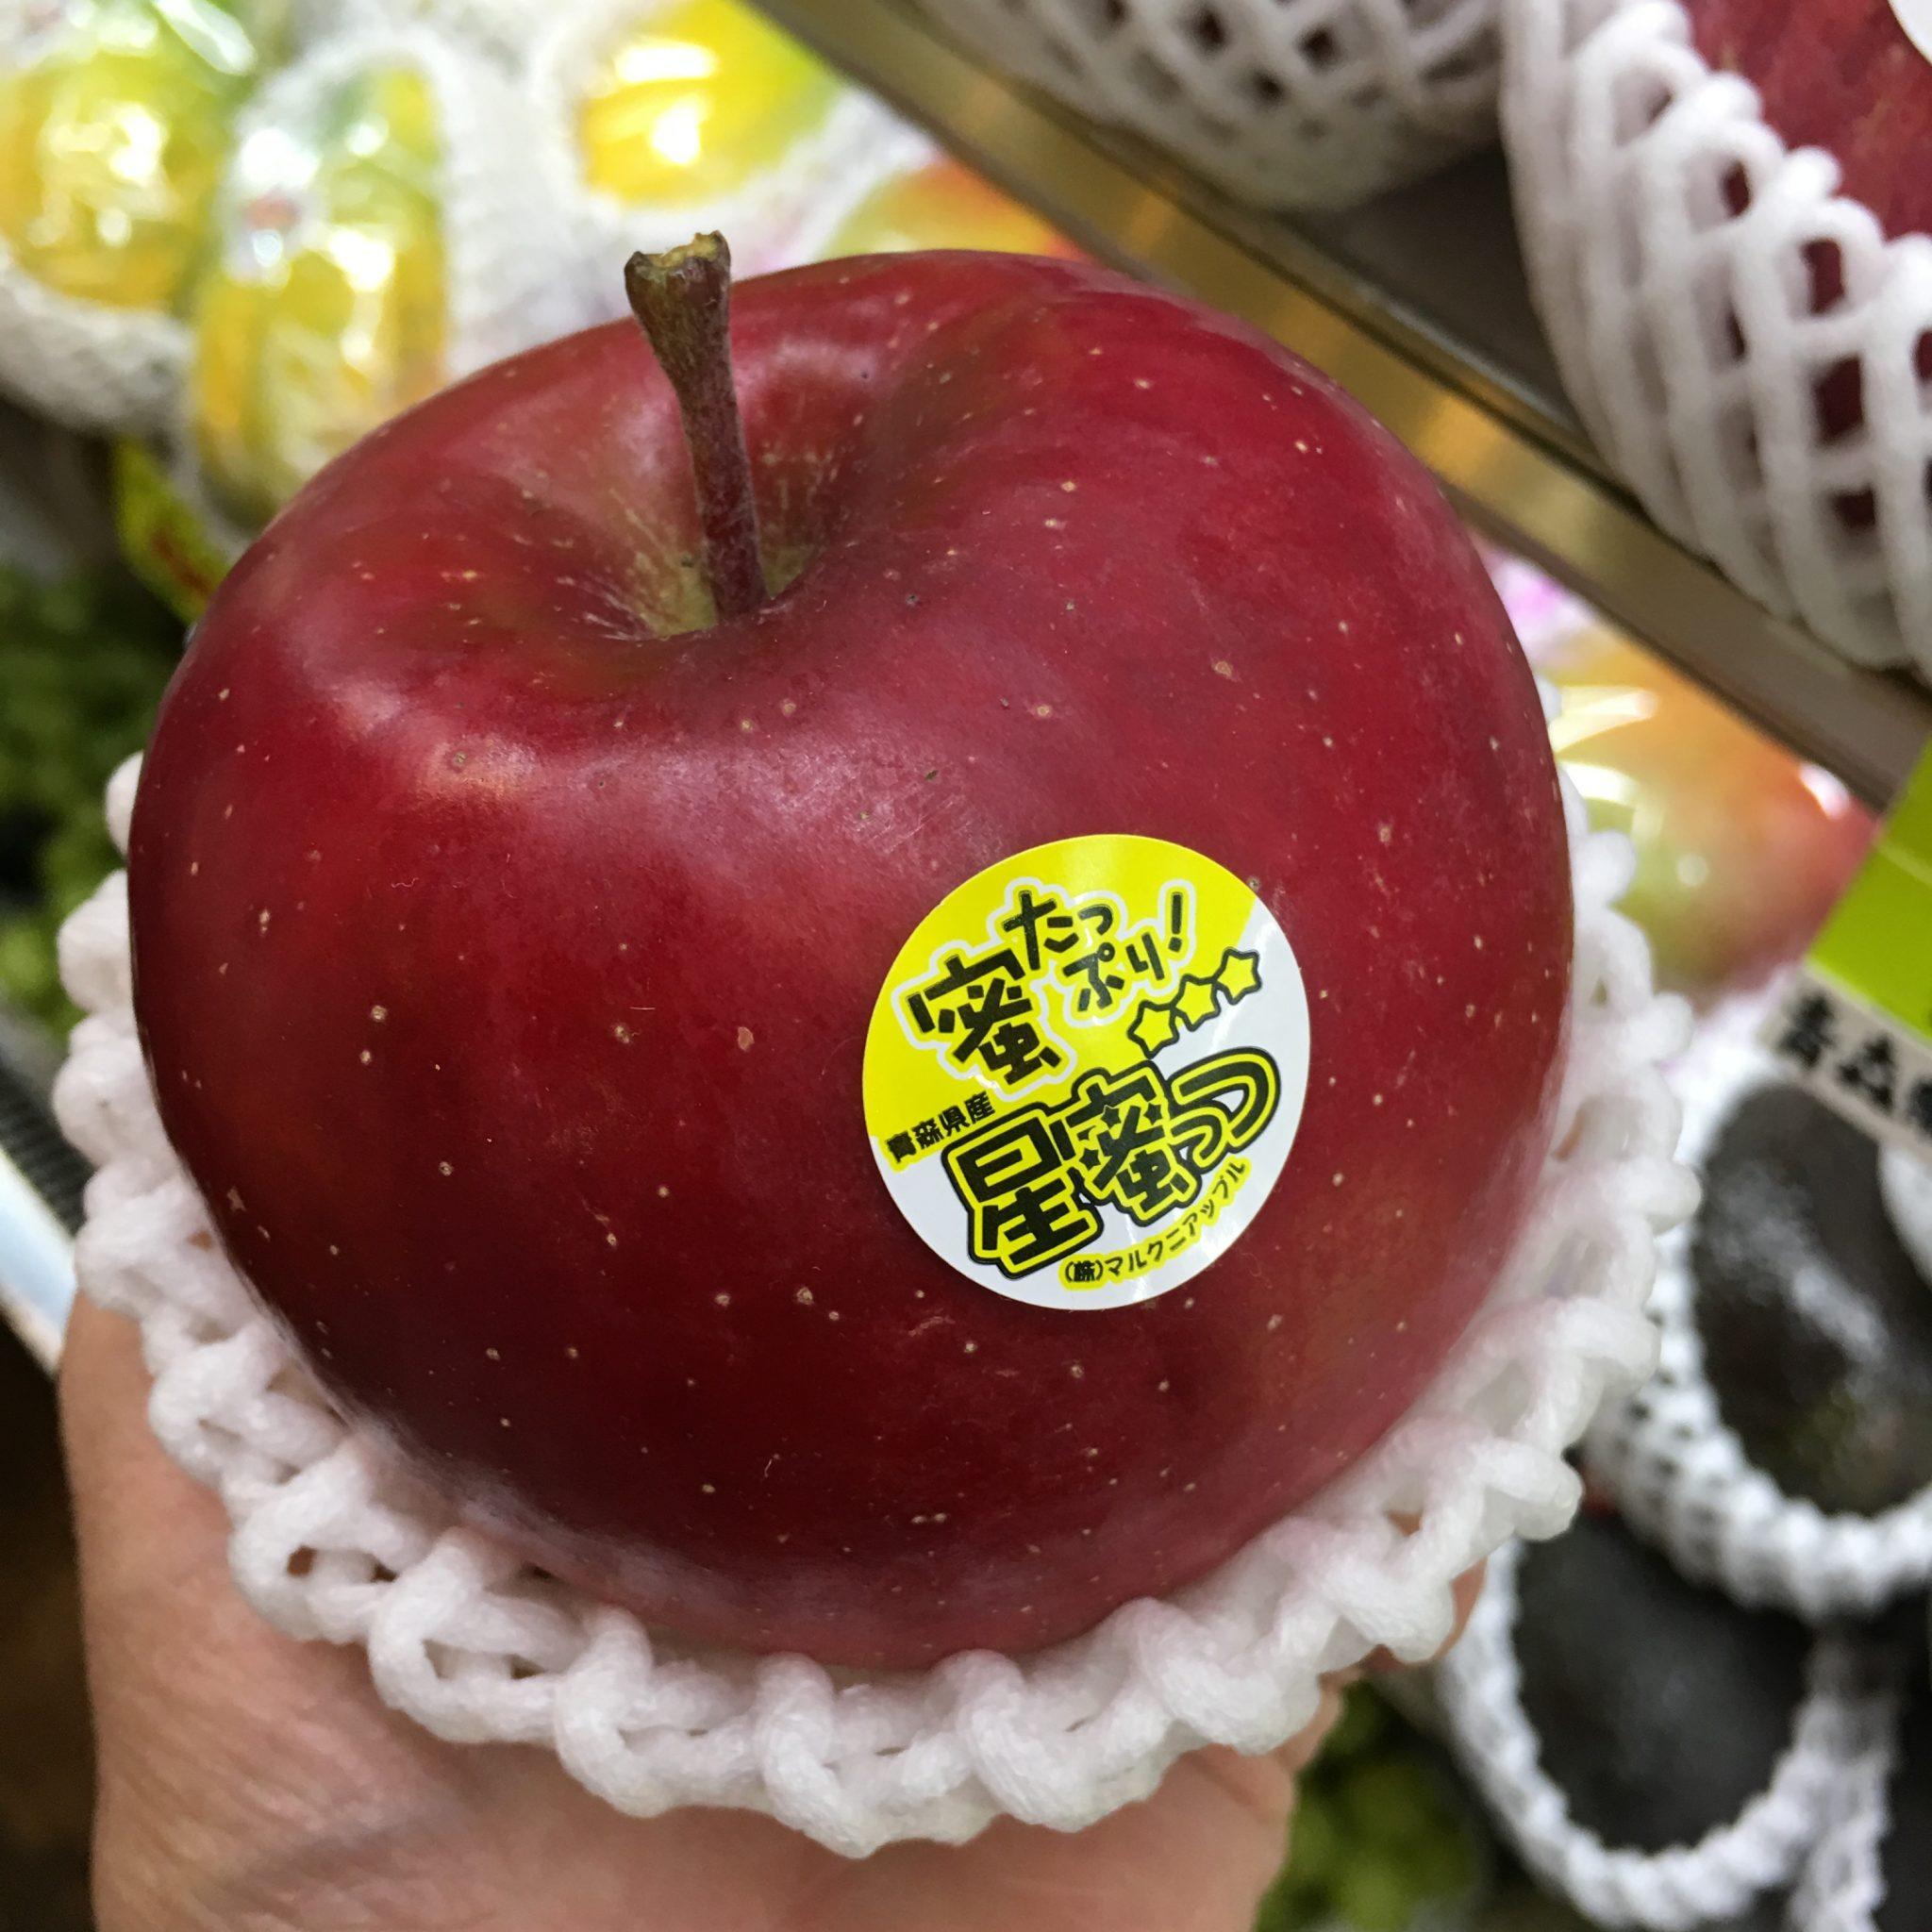 サンふじ 星蜜っつリンゴ